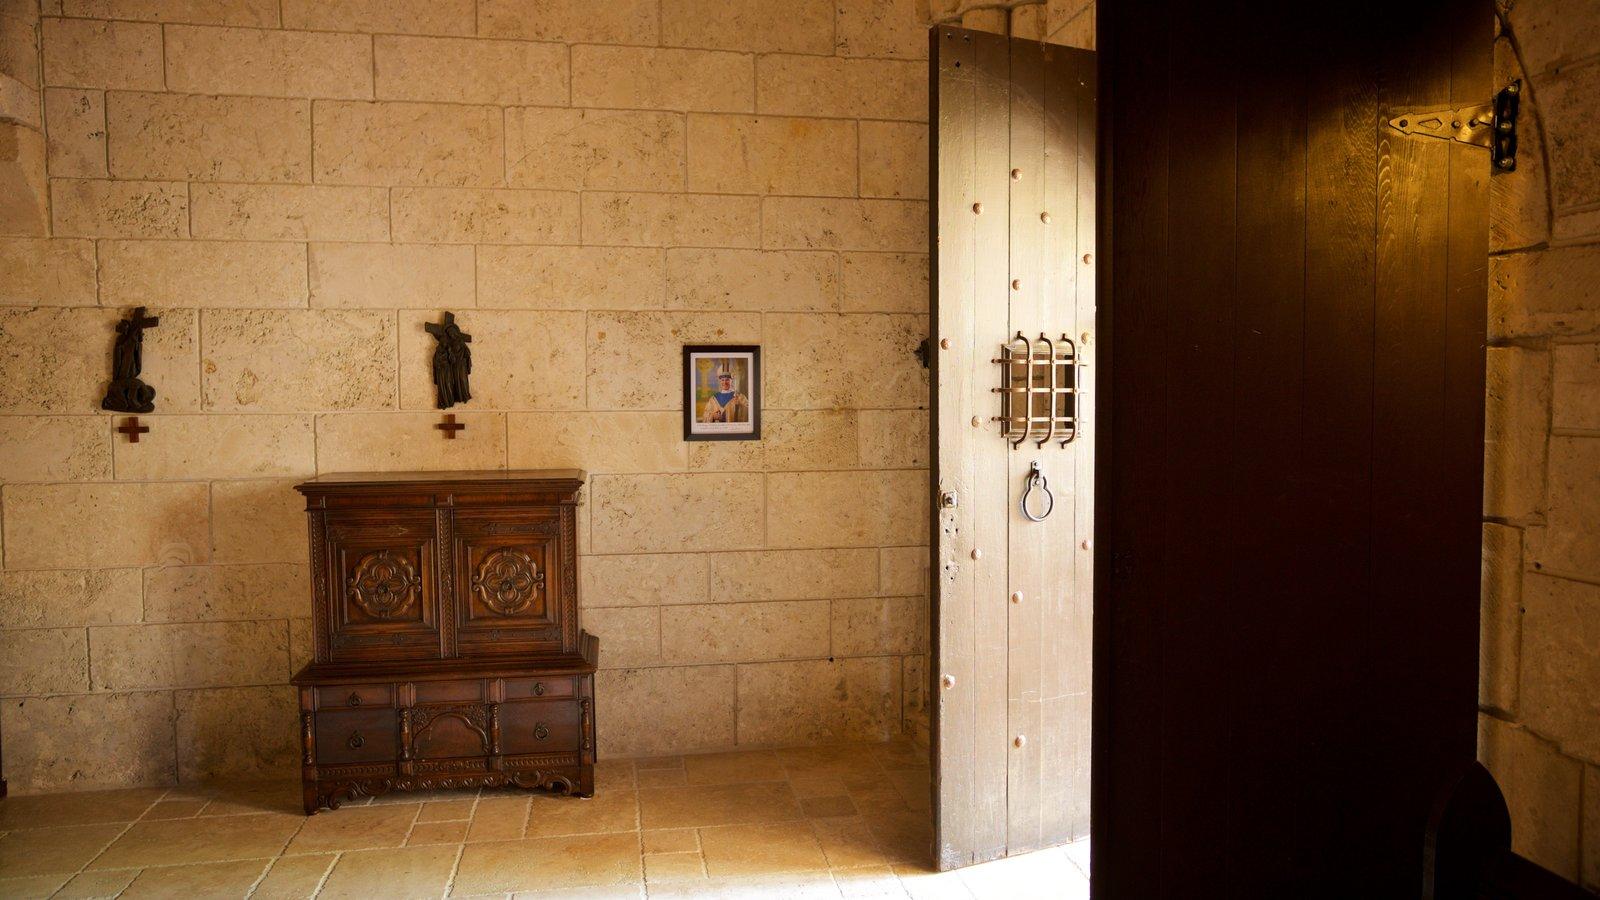 Antiguo Monasterio Español que incluye una iglesia o catedral, vistas interiores y elementos del patrimonio